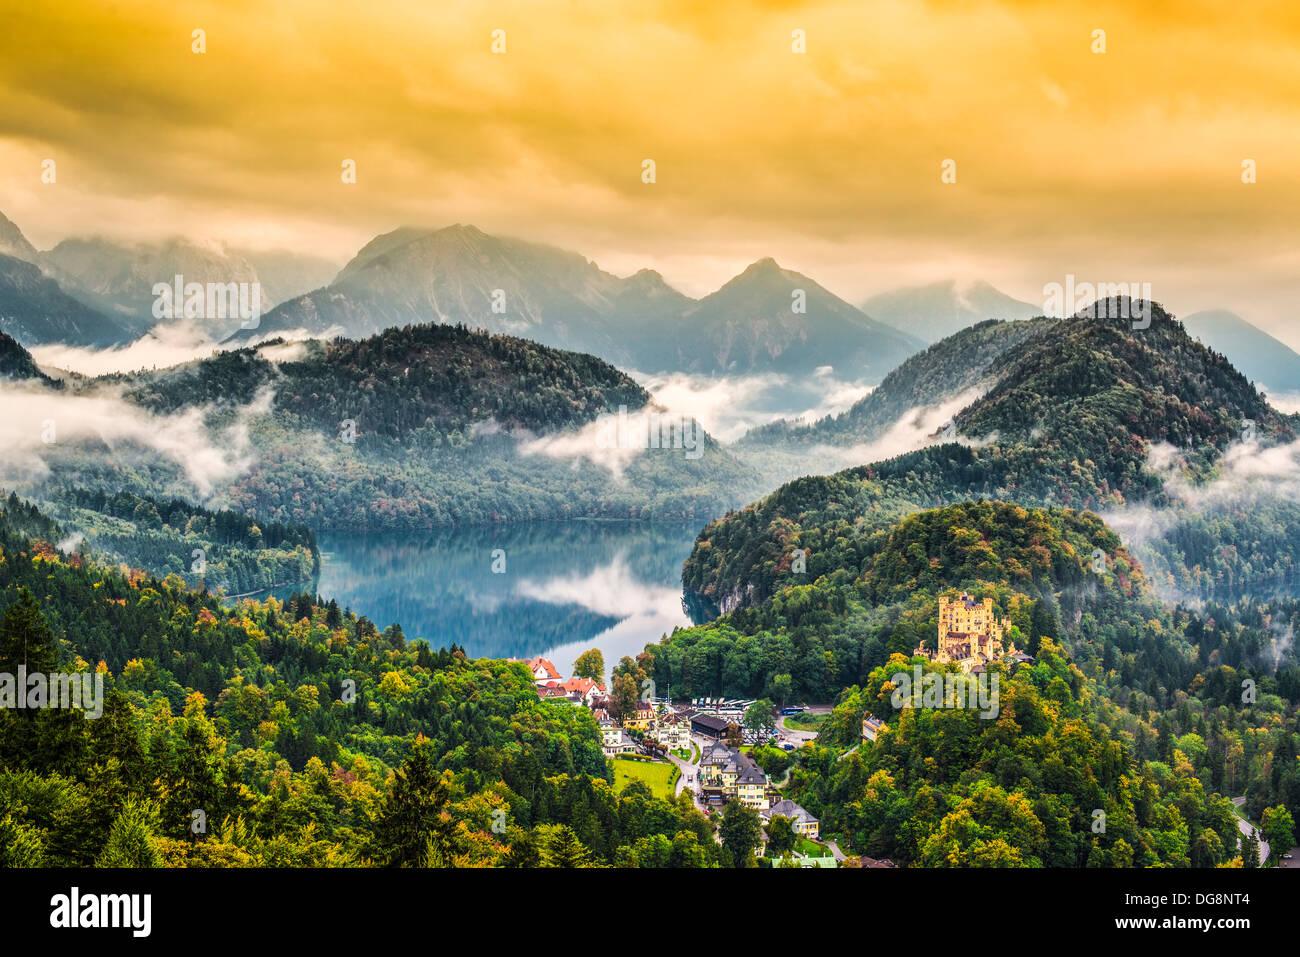 Misty día en los Alpes bávaros cerca de Fussen, Alemania. Imagen De Stock